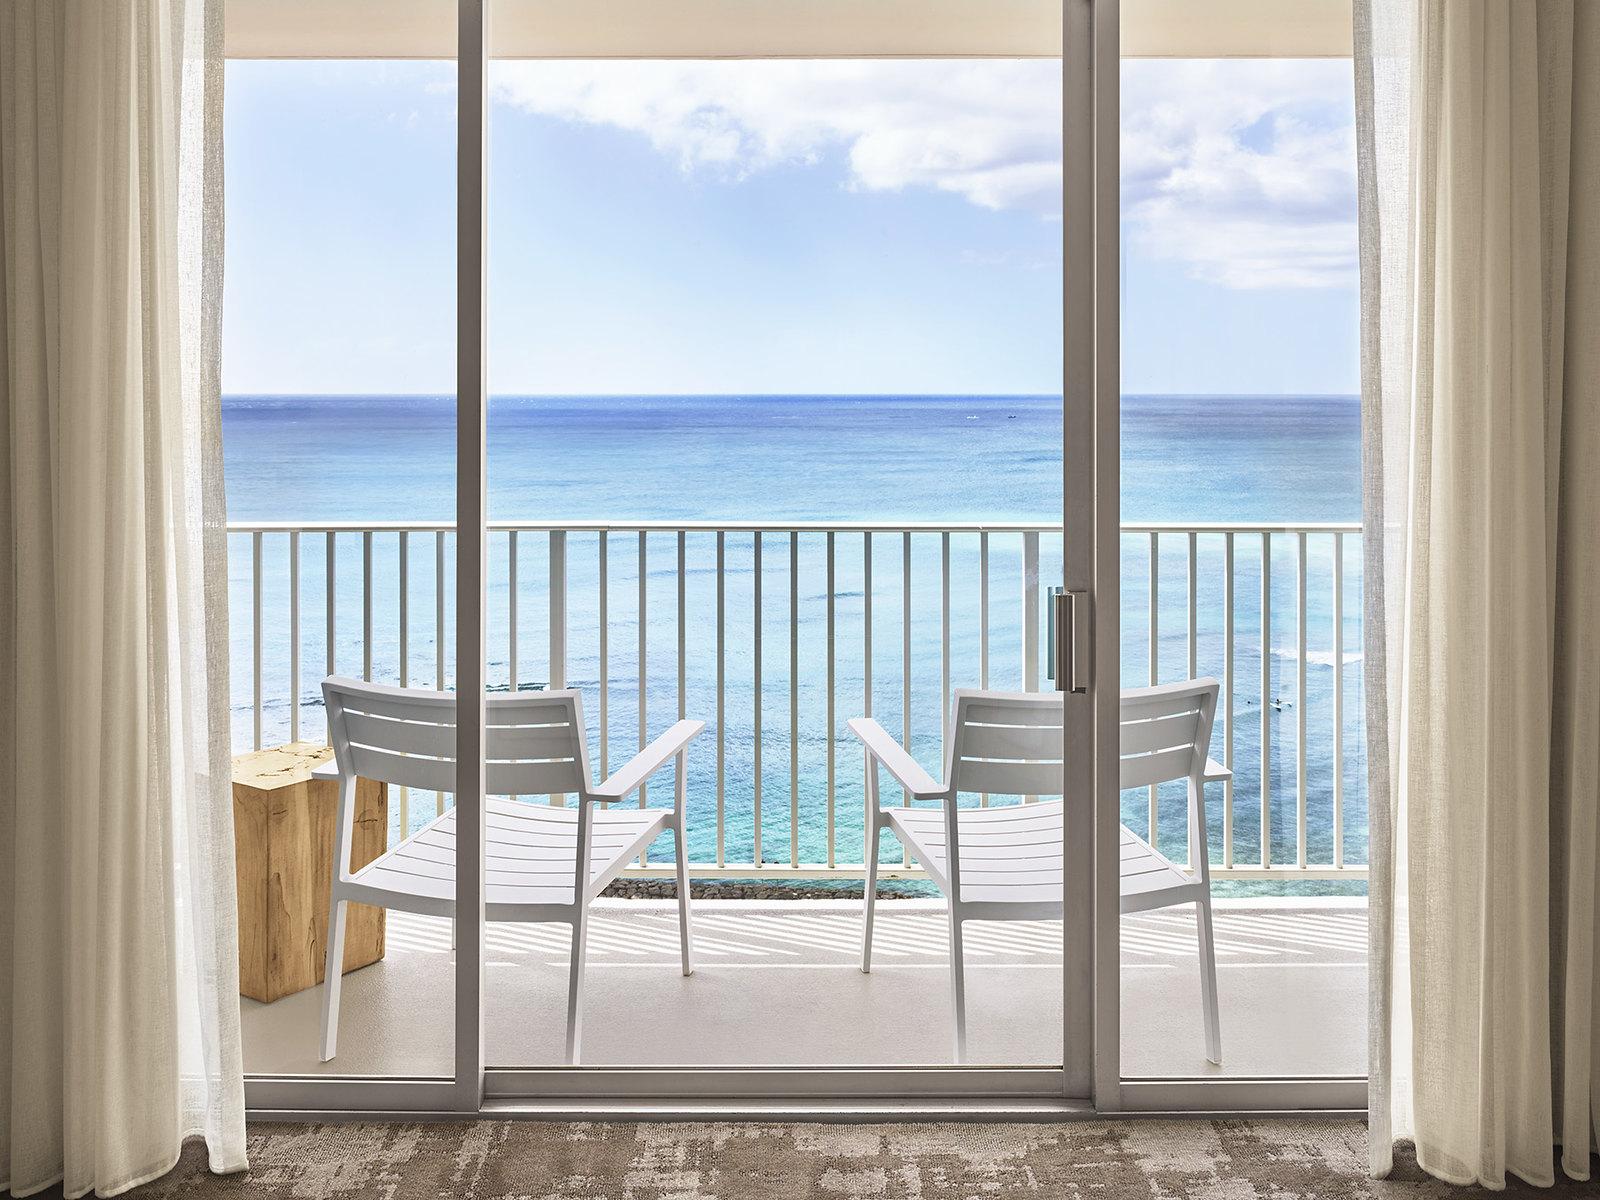 Hawaii beach views